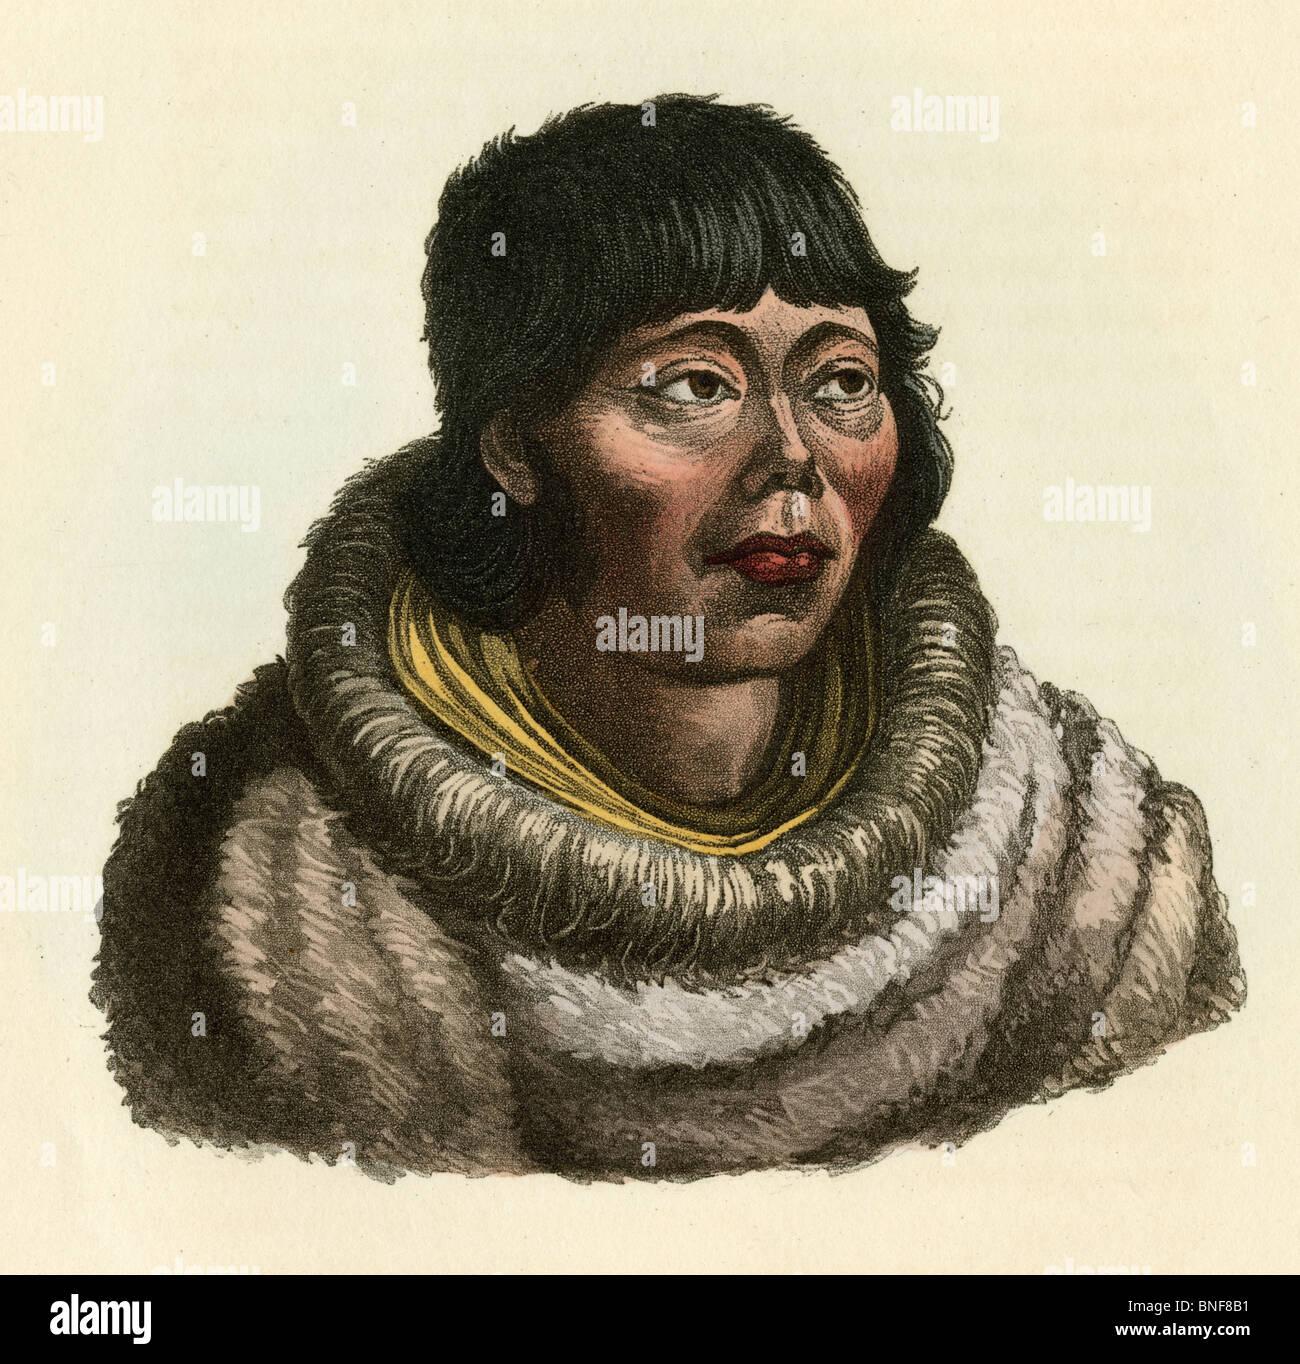 1842 à la main, gravure de M. Prichard's l'histoire naturelle de l'homme, 'Kamtschadale.' Banque D'Images